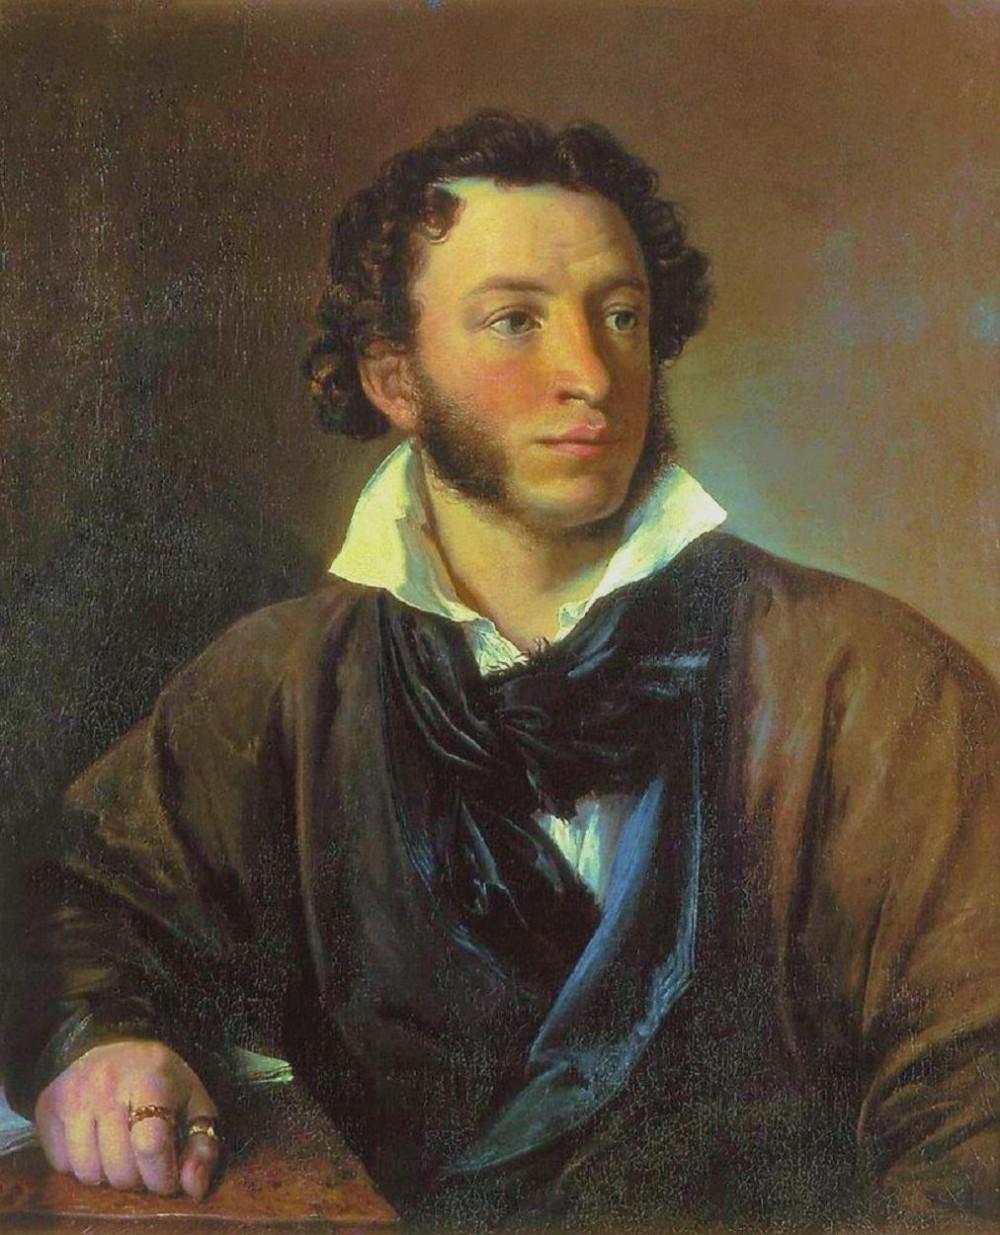 vasili-tropinin-portrait-of-aleksandr-pushkin-1827